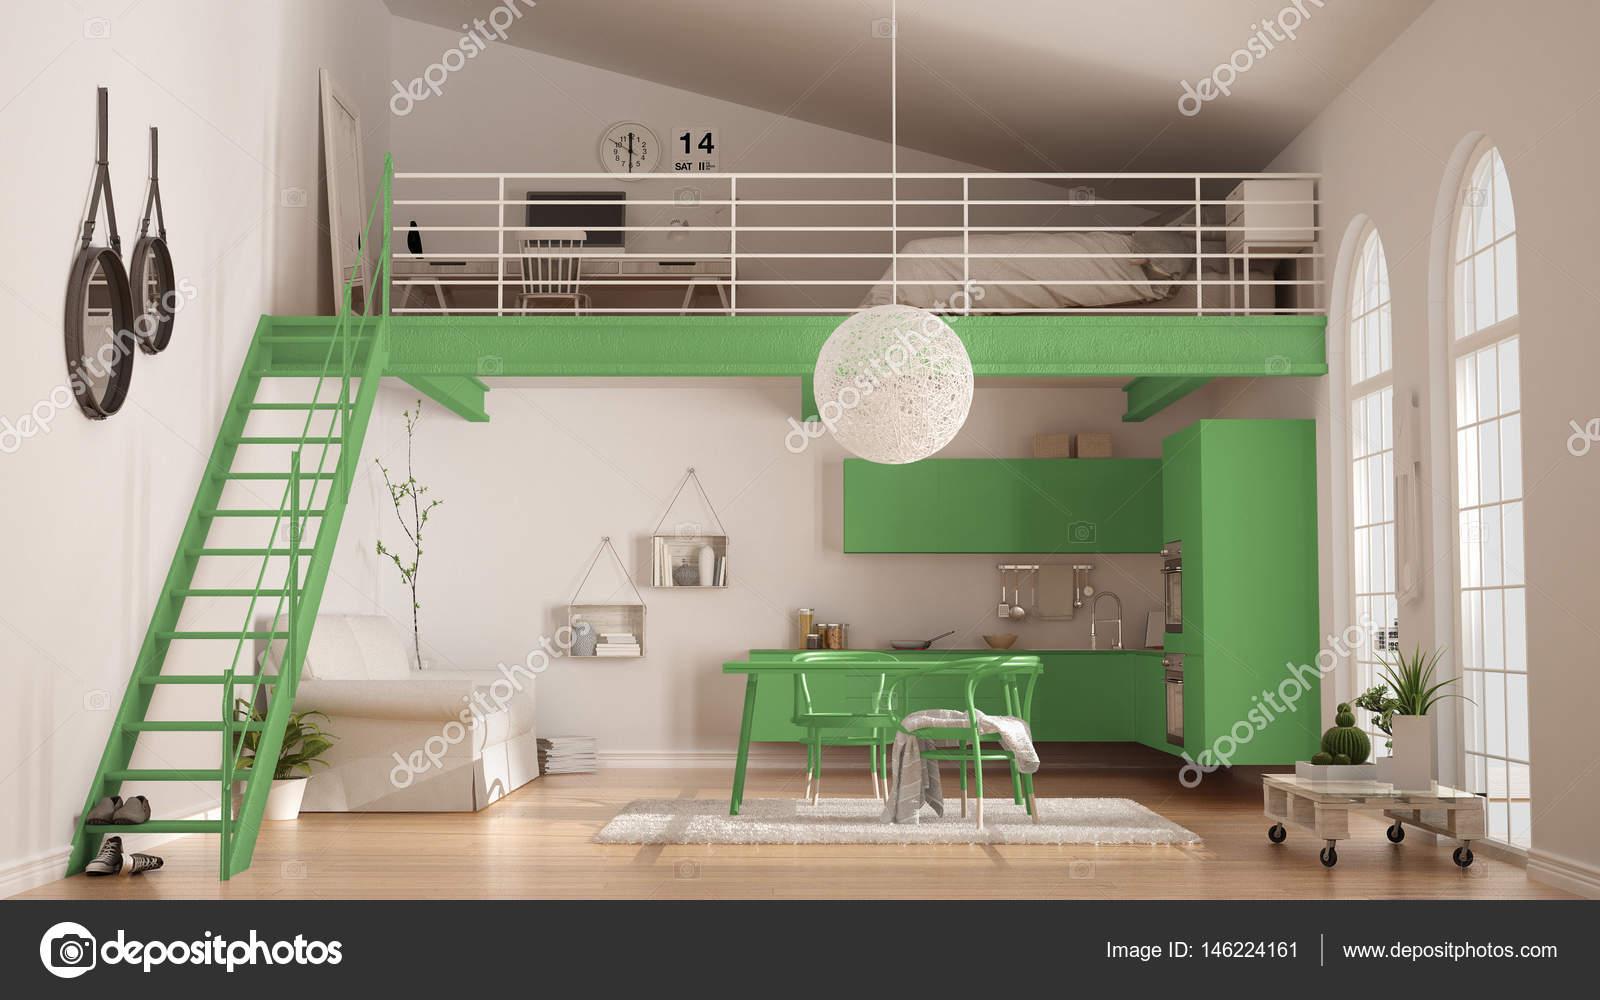 Skandinavische Minimalistische Loft, Ein Zimmer Wohnung Mit Grünen Küche,  Wohn  Und Schlafzimmer, Klassische Innenarchitektur U2014 Foto Von ArchiVIz